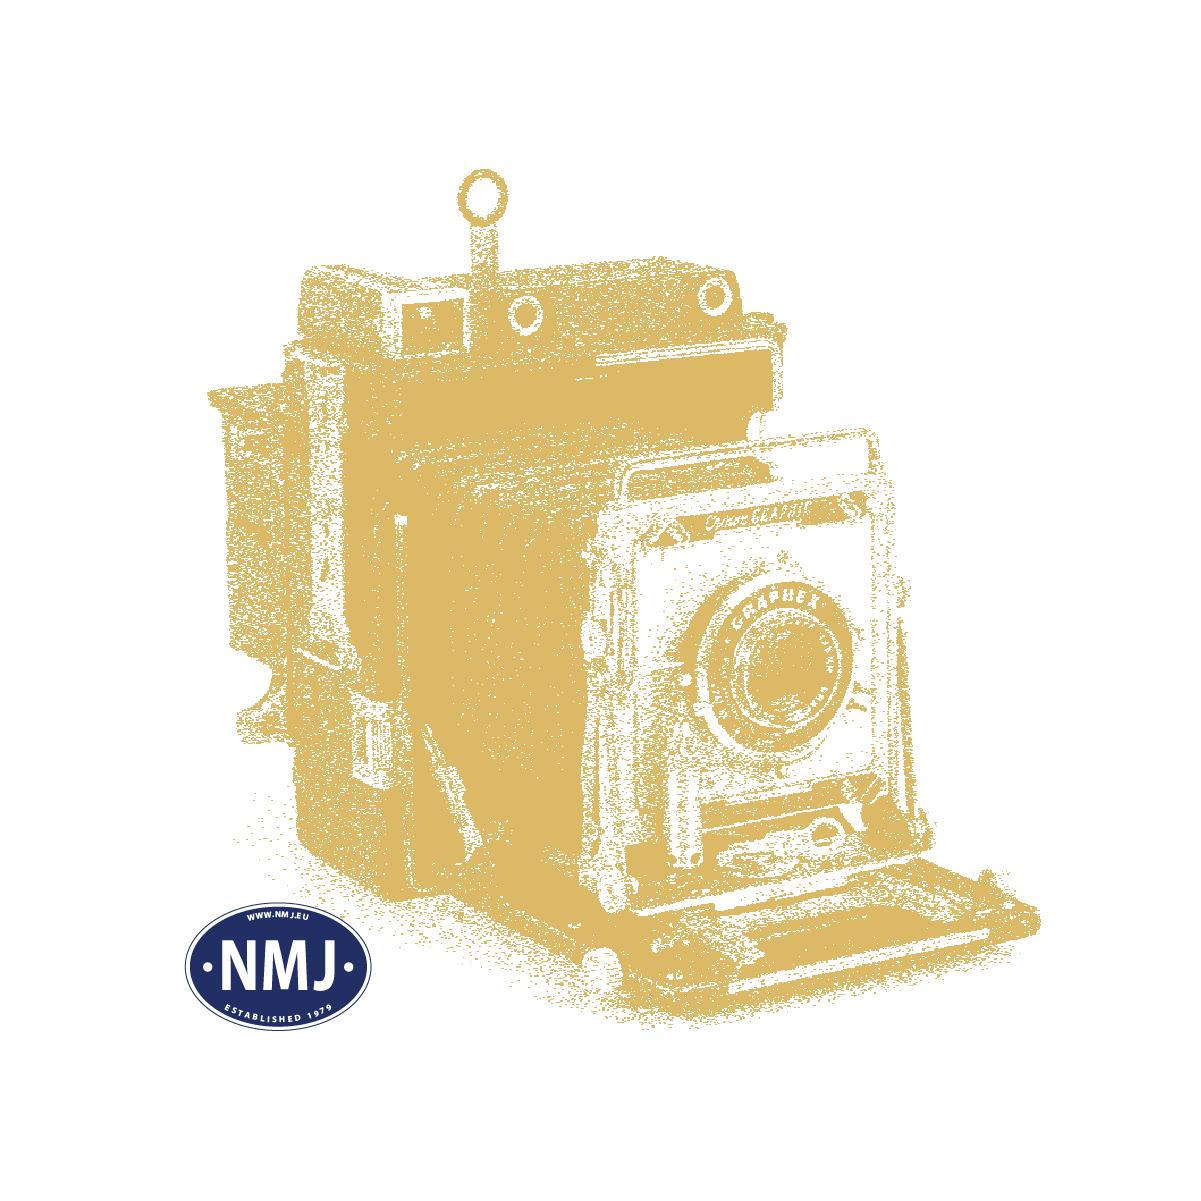 NMJT503.110 - NMJ Topline NSB G4 Stasjonsvogn